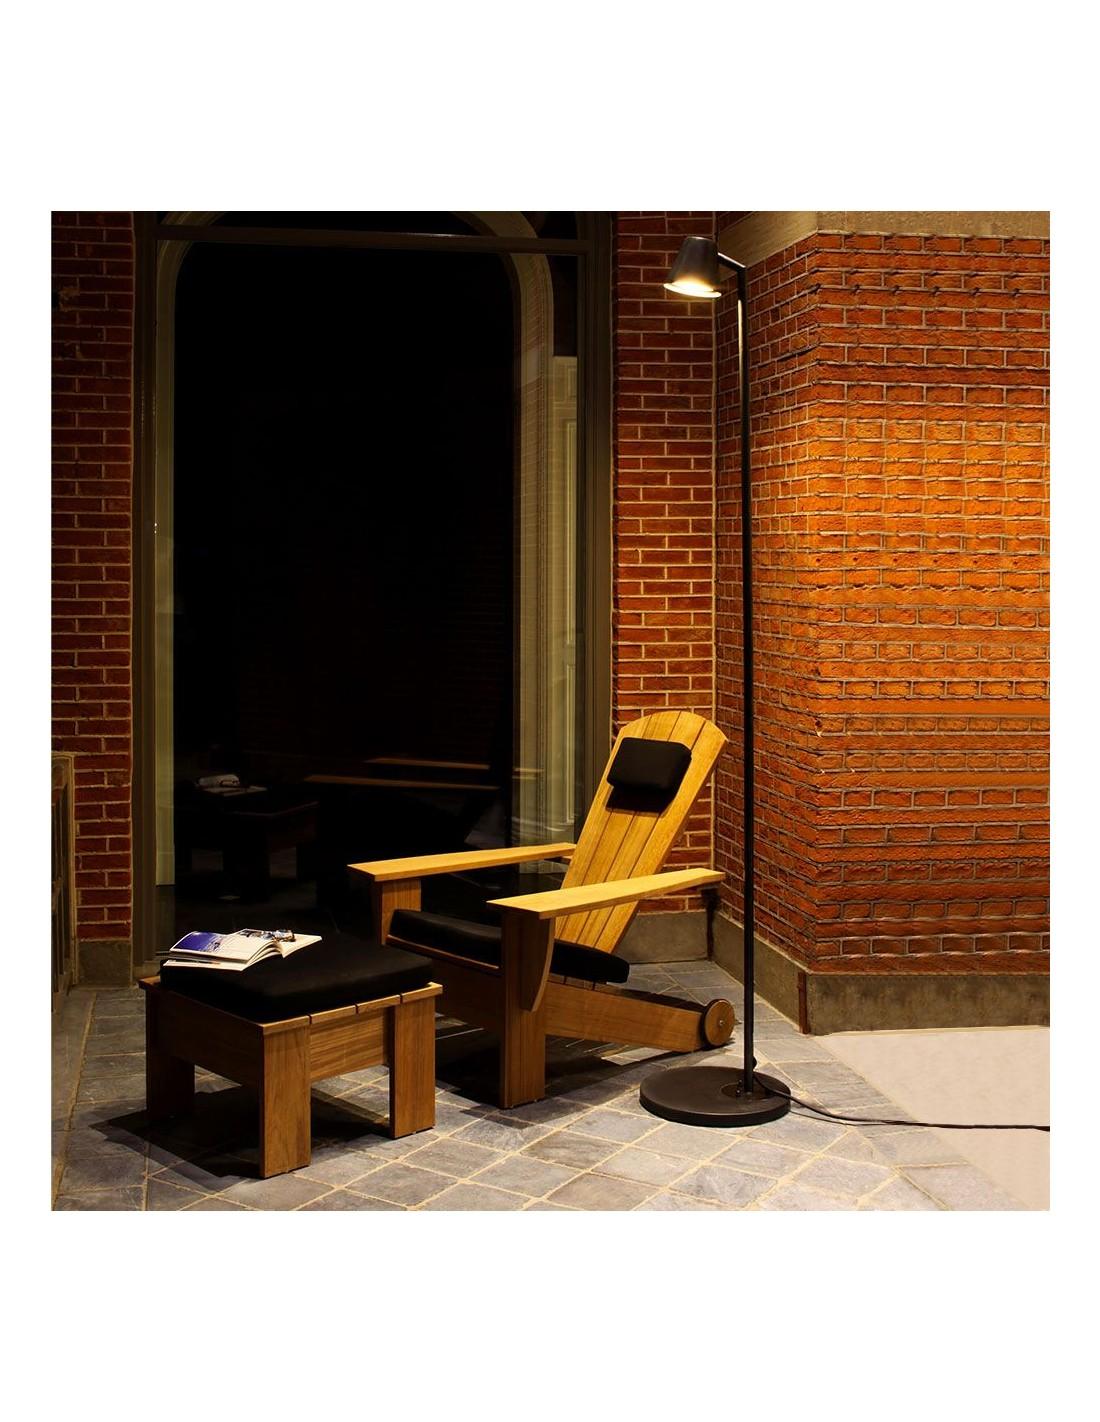 Valente Design vous propose un éclairage pour terrasse couverte avec le lampadaire extérieur Parker de la marque Royal Botania